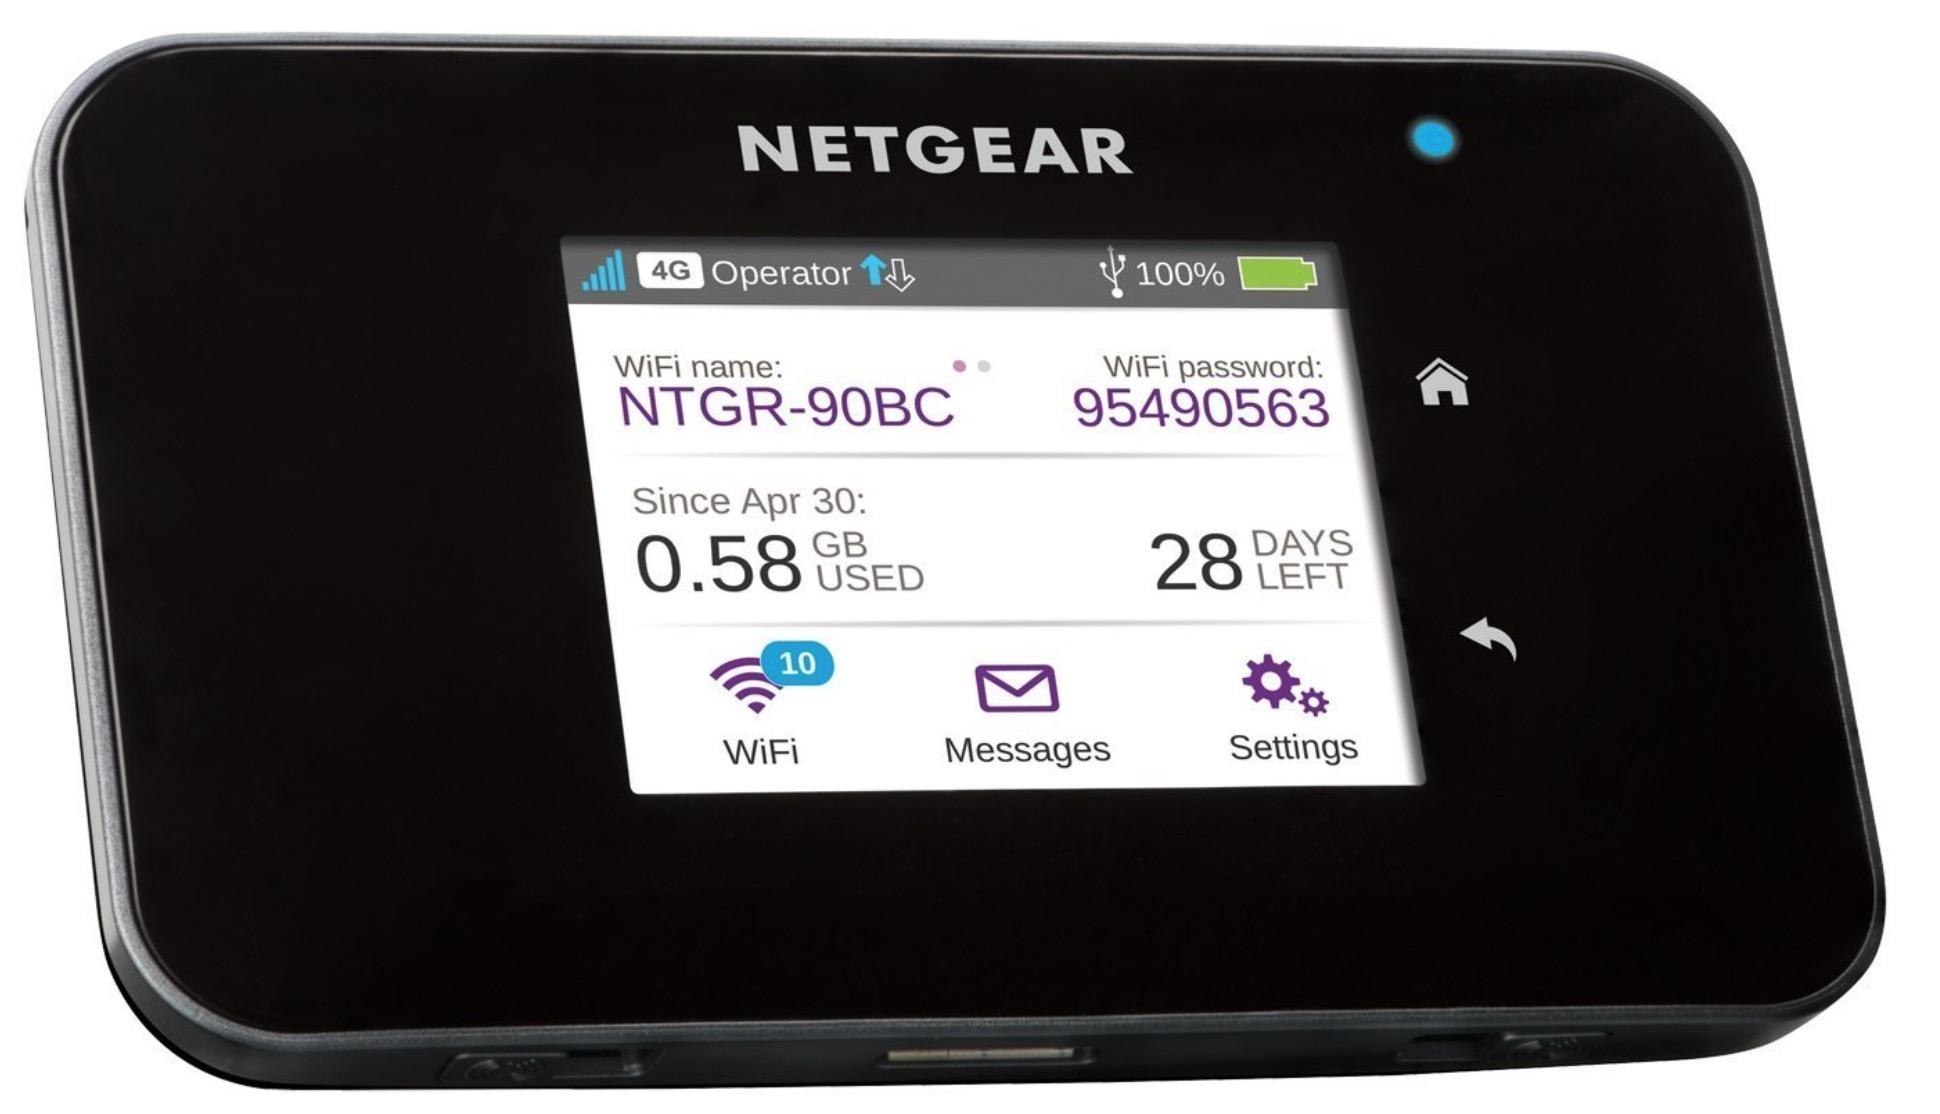 Netgear AC810 100EUS modem router 4G